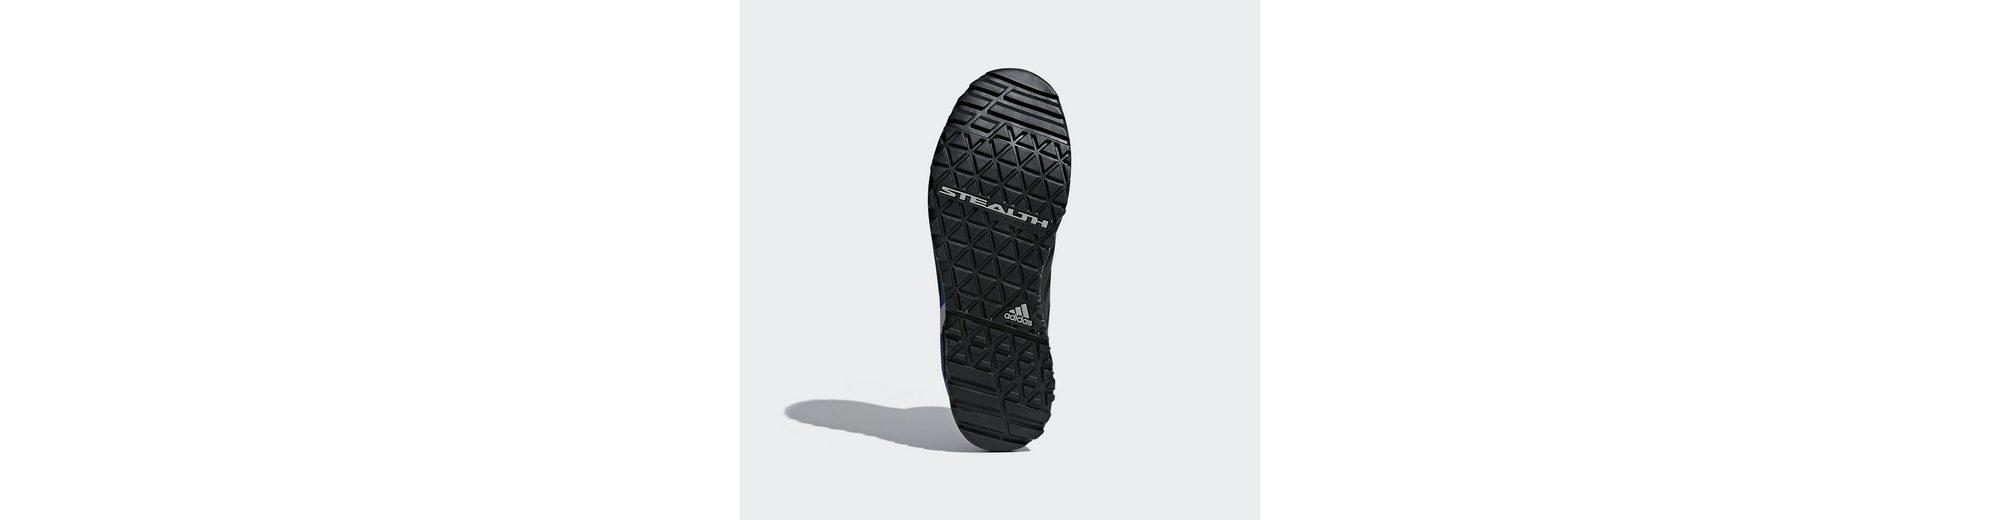 Rabatt Besuch Neu adidas Performance TERREX Trail Cross Outdoorschuh In Deutschland Online Auslass Niedrigen Preis Versandgebühr Verkauf Offizielle Billige Truhe Bilder QZcUaN